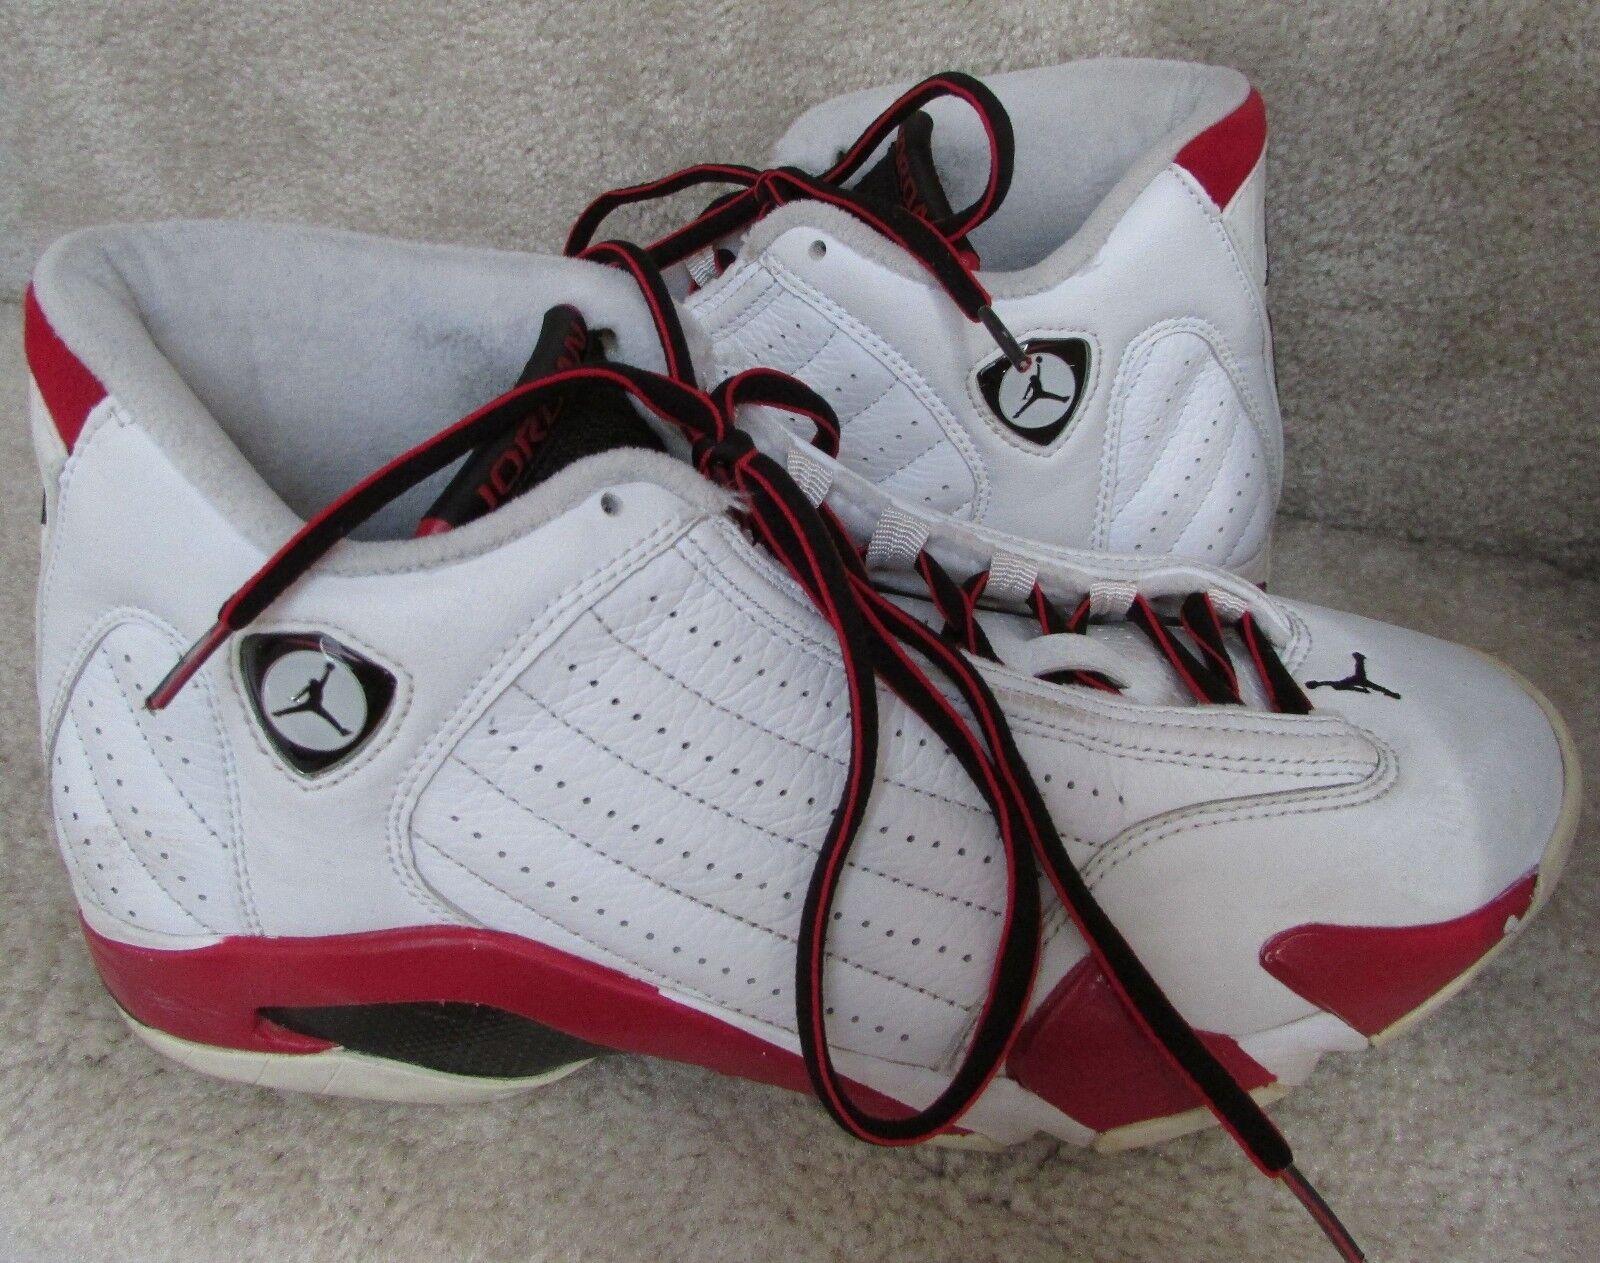 Nike air jordan 14 xiv retrò 2006 dimensioni stile 311832-101 euc candy cane